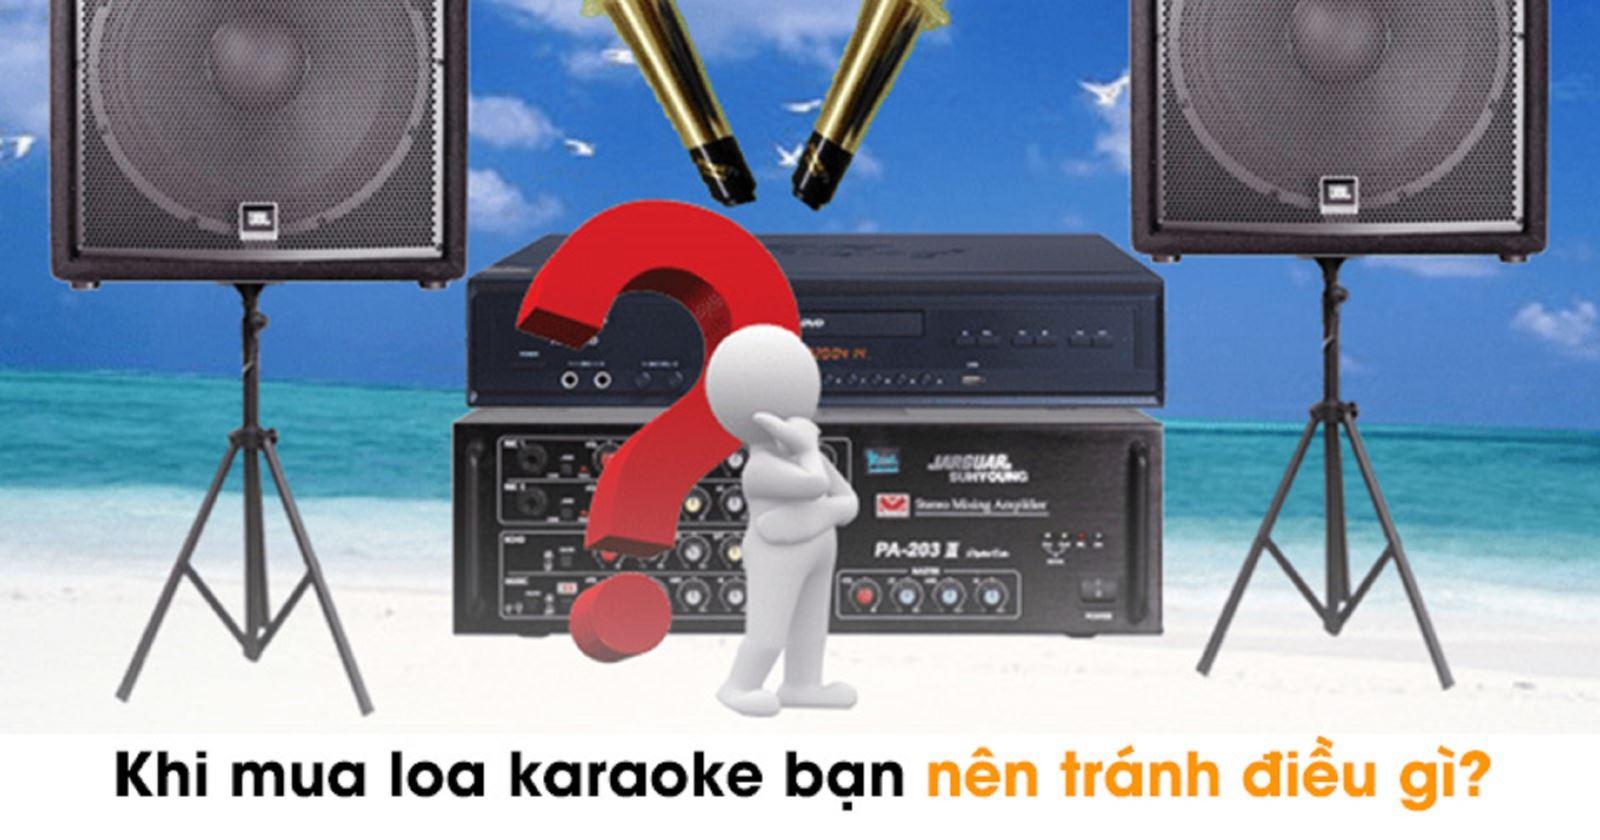 Khi mua loa karaoke bạn nên tránh điều gì?